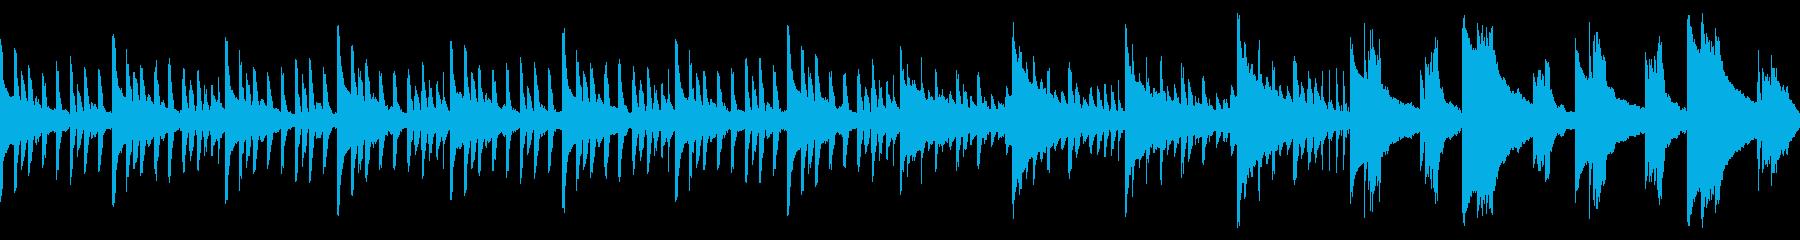 ホラーな怖い雰囲気のBGM(ループ仕様)の再生済みの波形